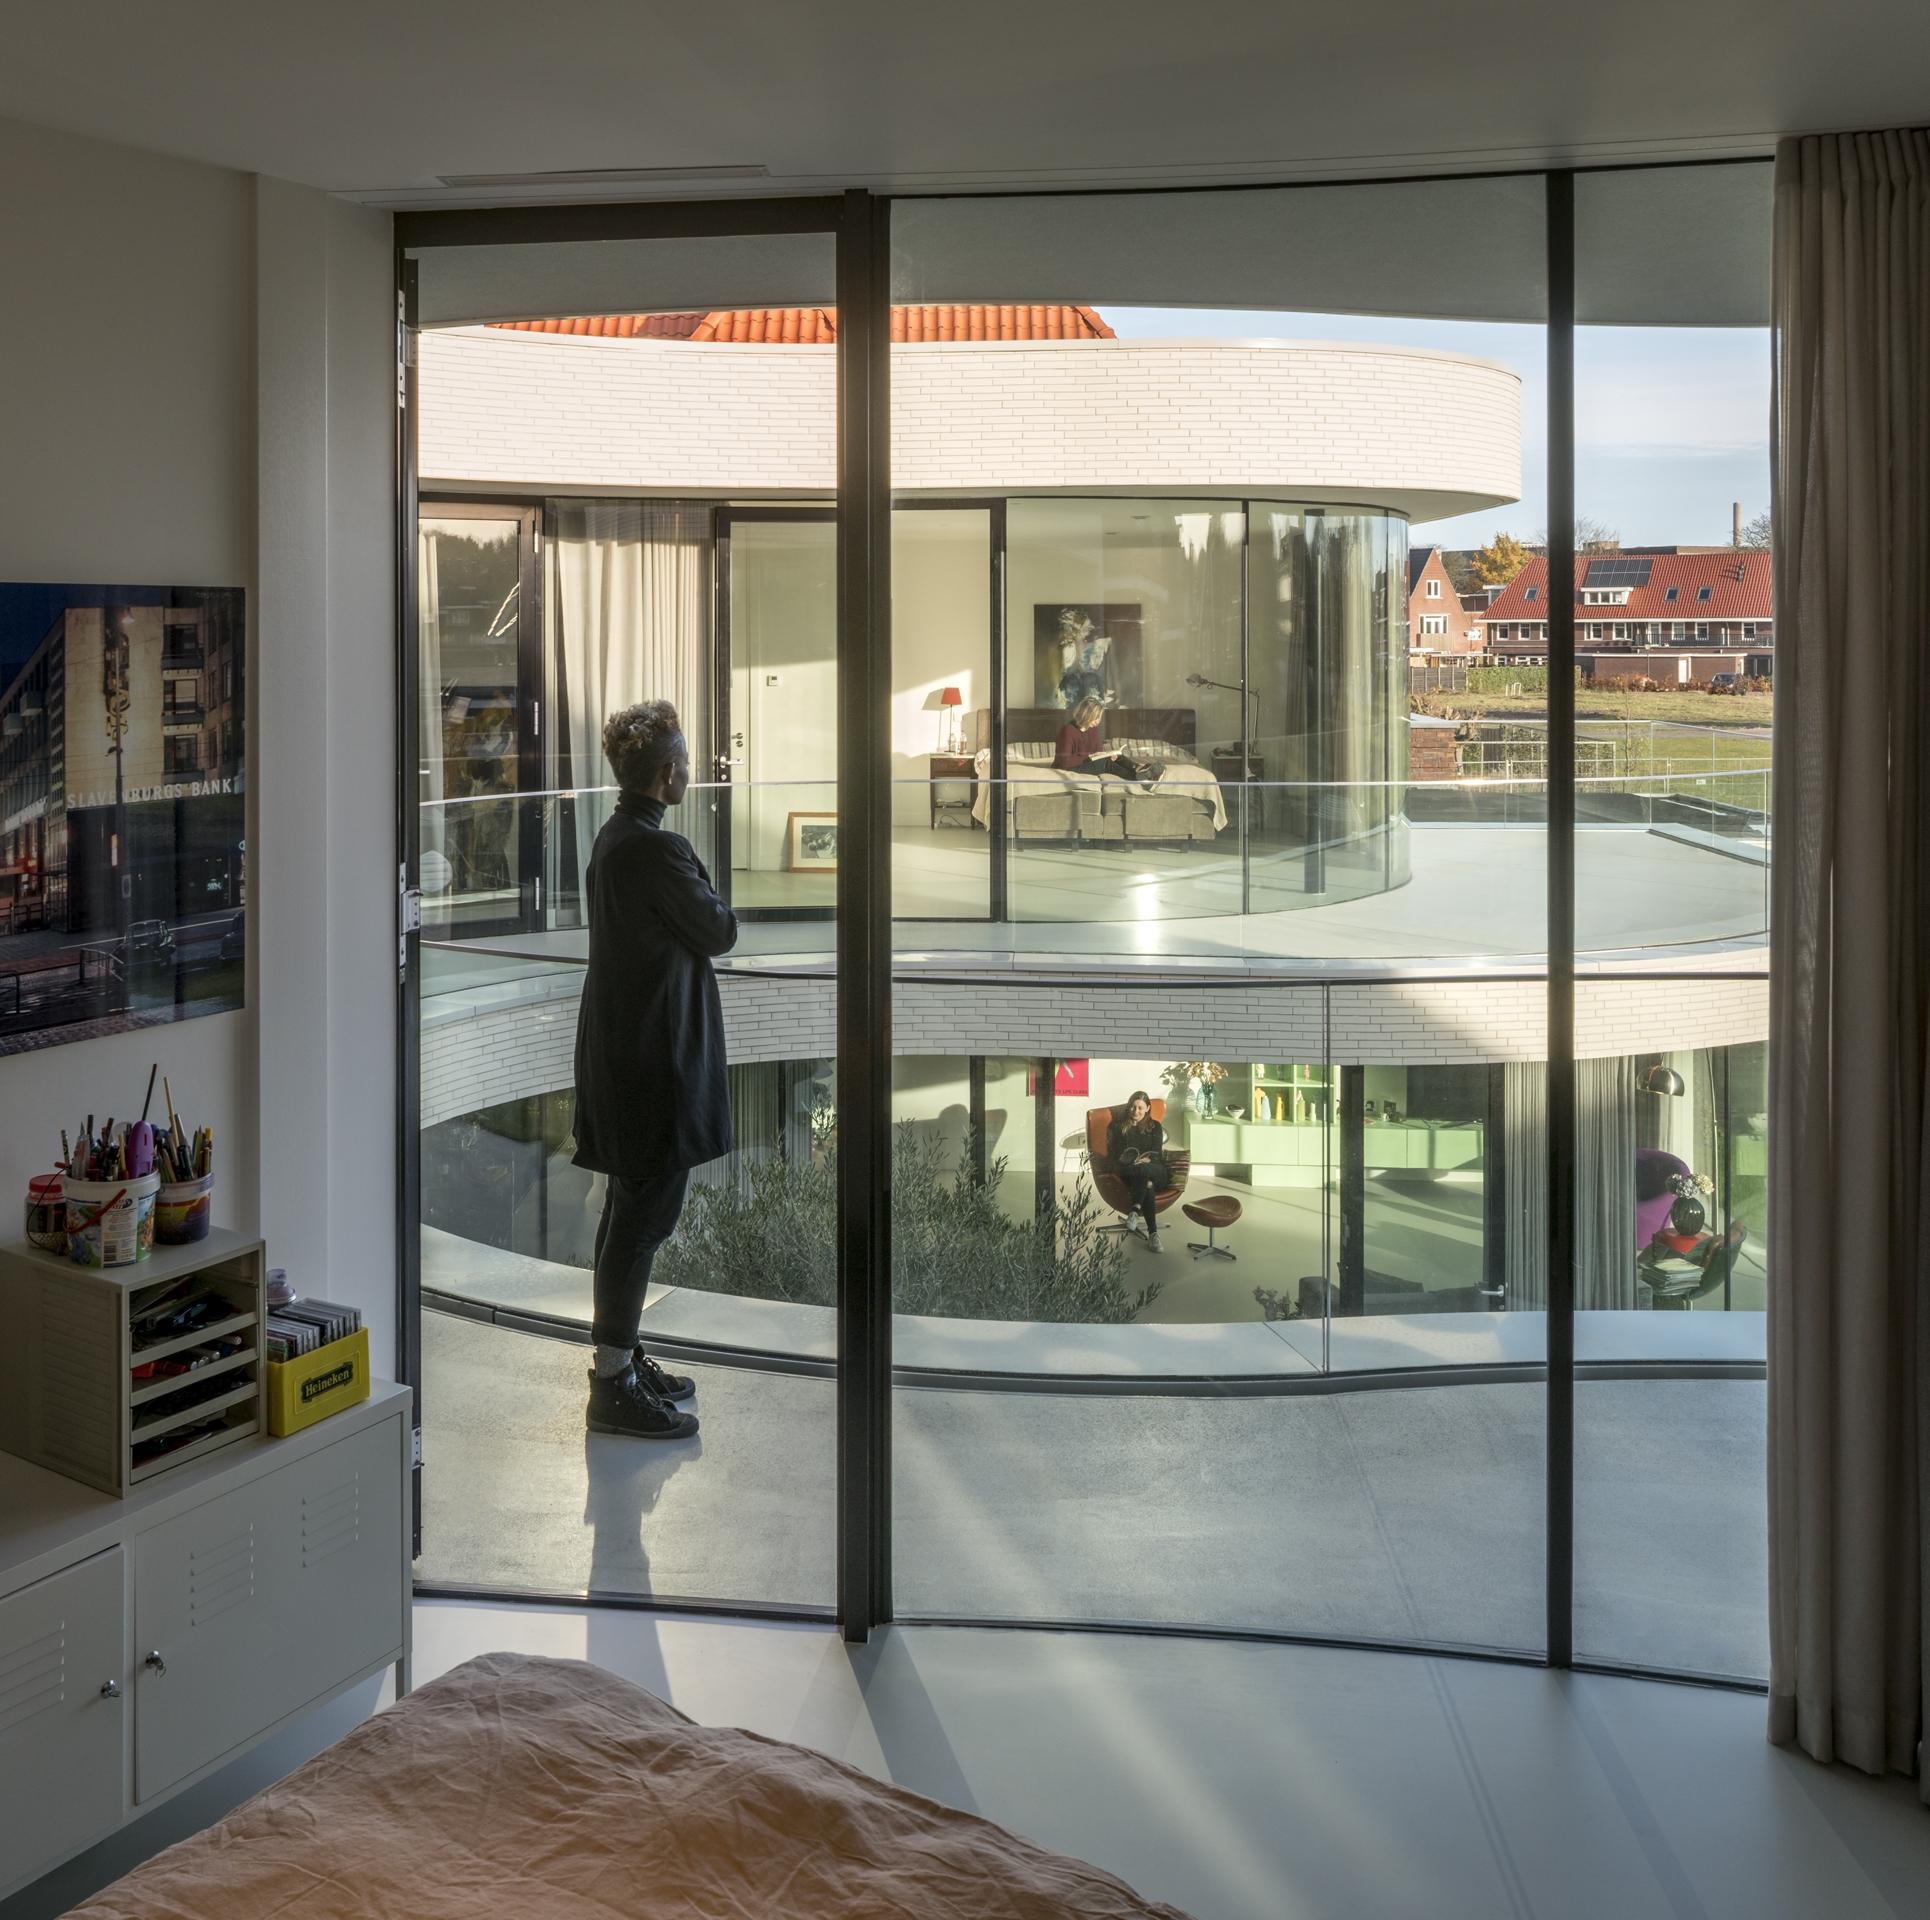 Casa-Kwantes-MVRDV-Ossip-van-Duivenbode